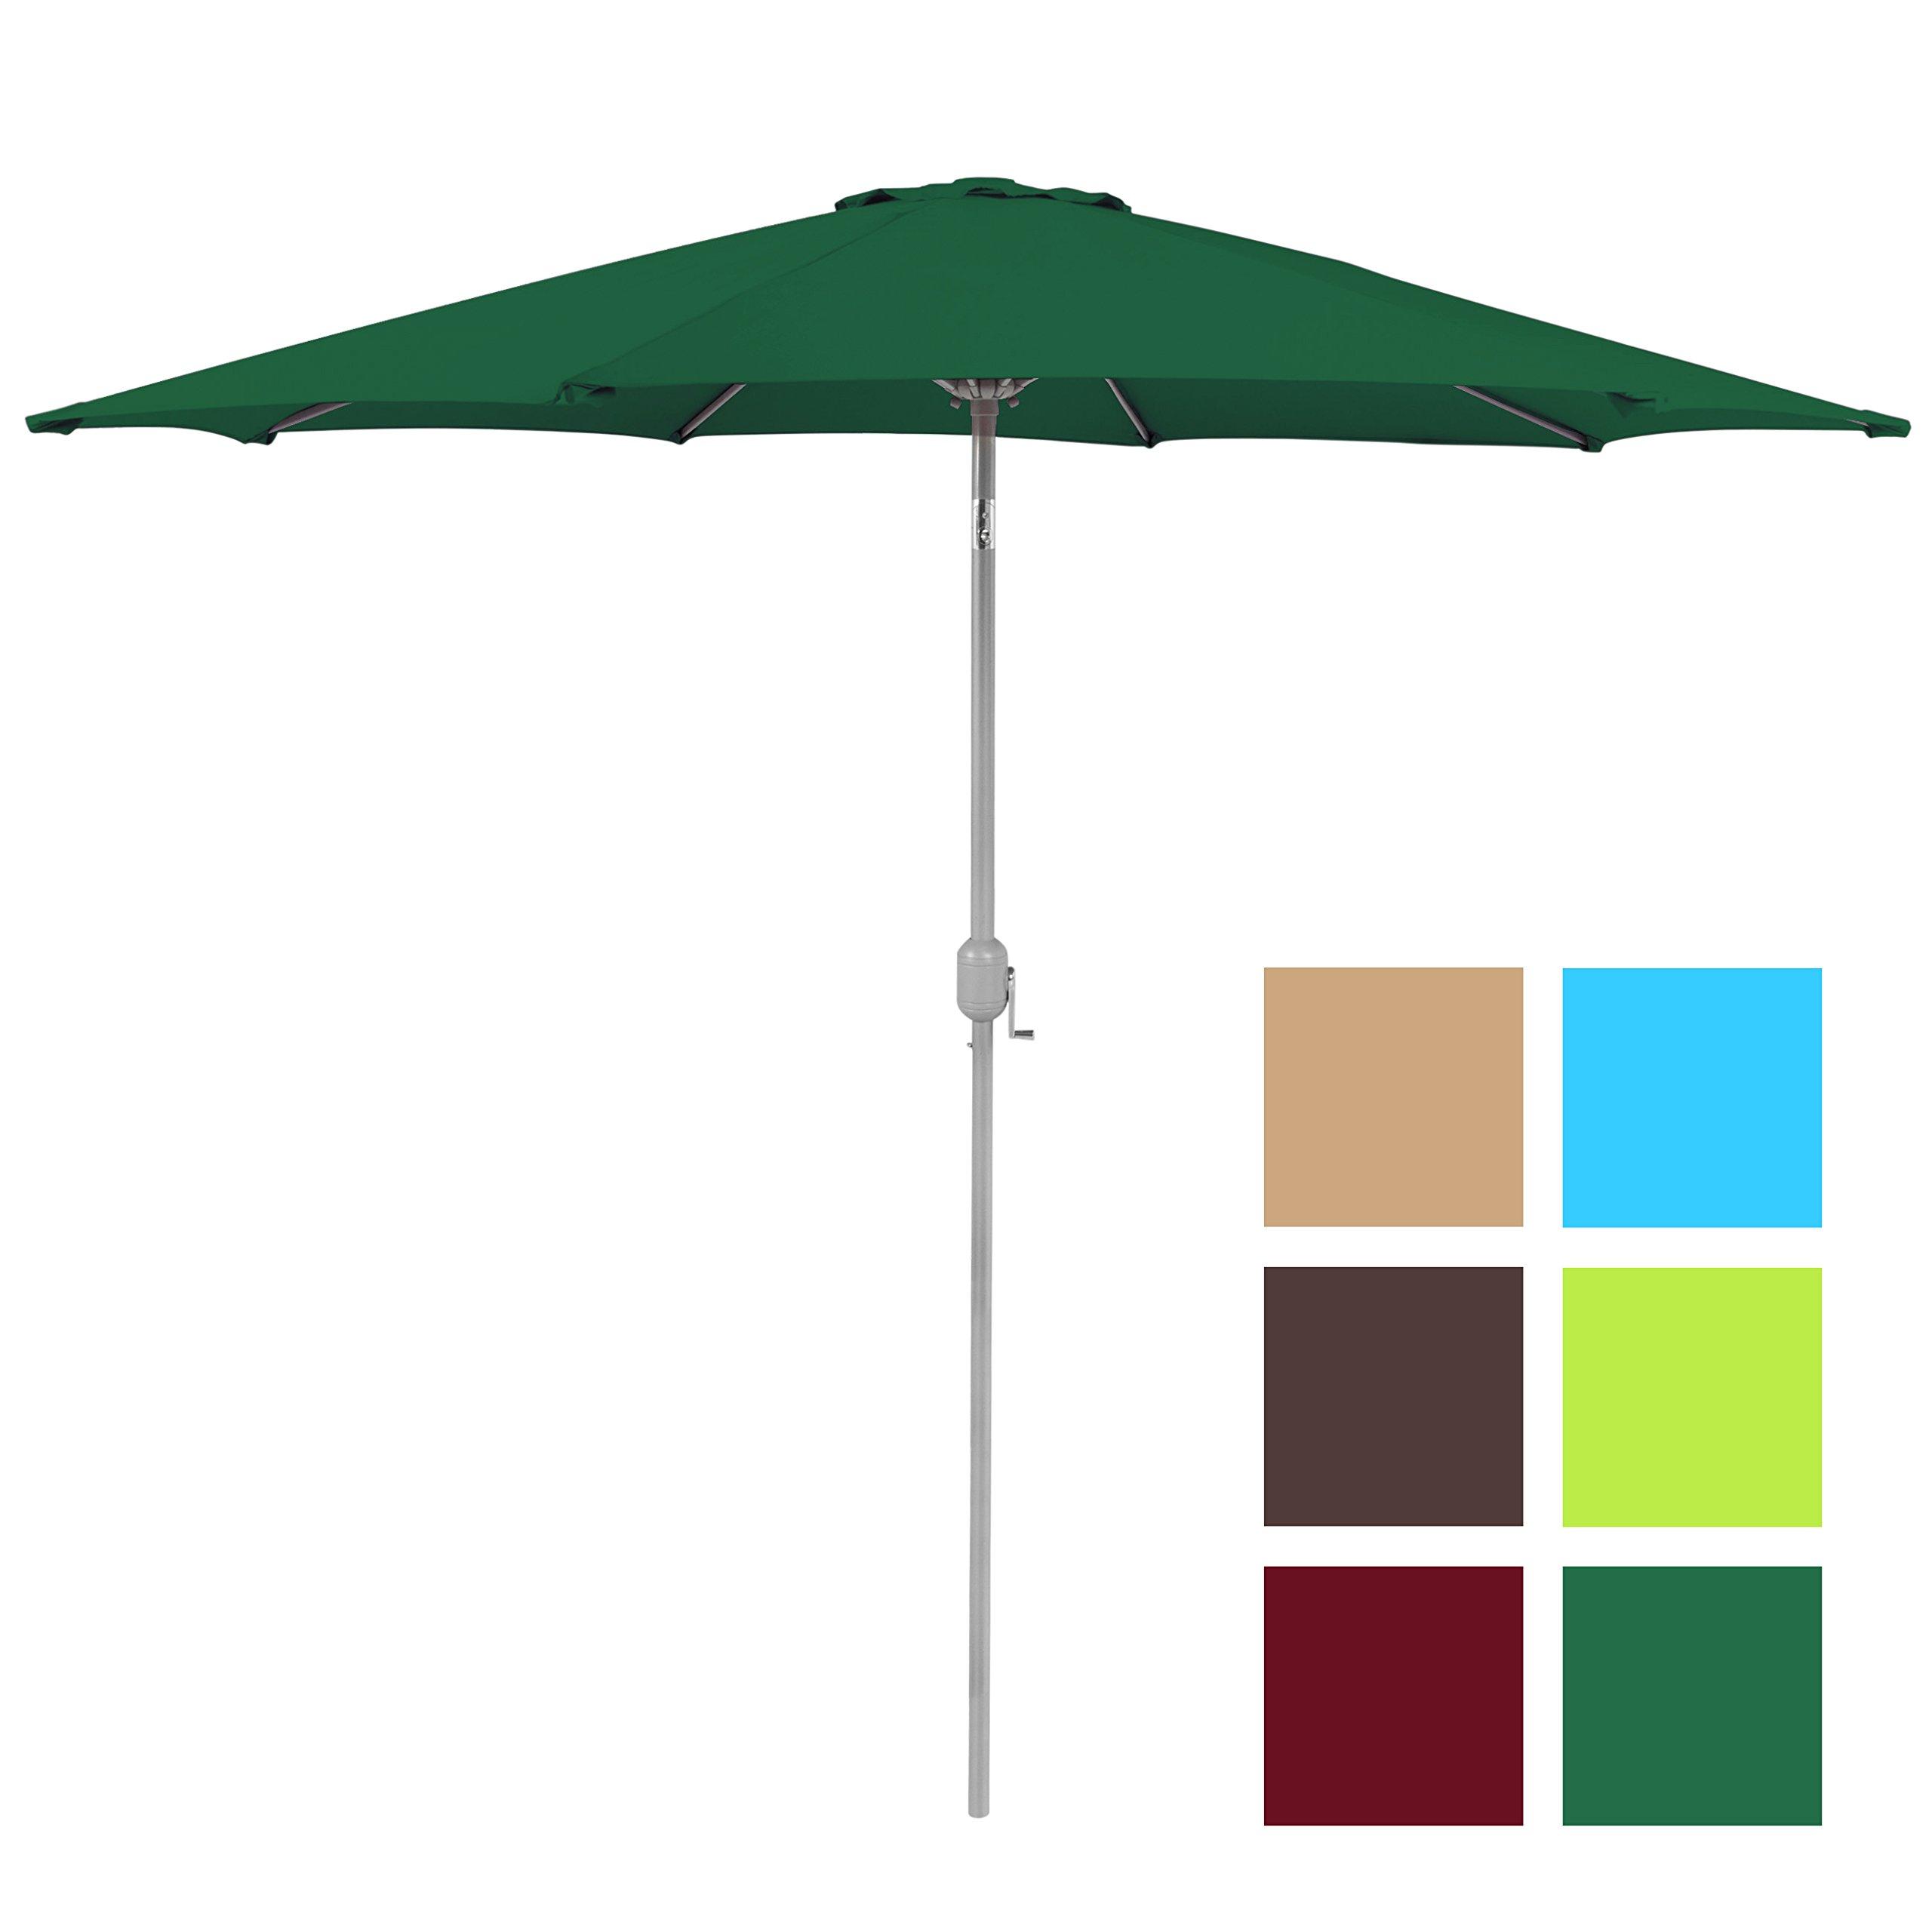 Best Choice Products Patio Umbrella 9ft Aluminum Outdoor Patio Market Umbrella w/Crank Tilt Adjustment - Green